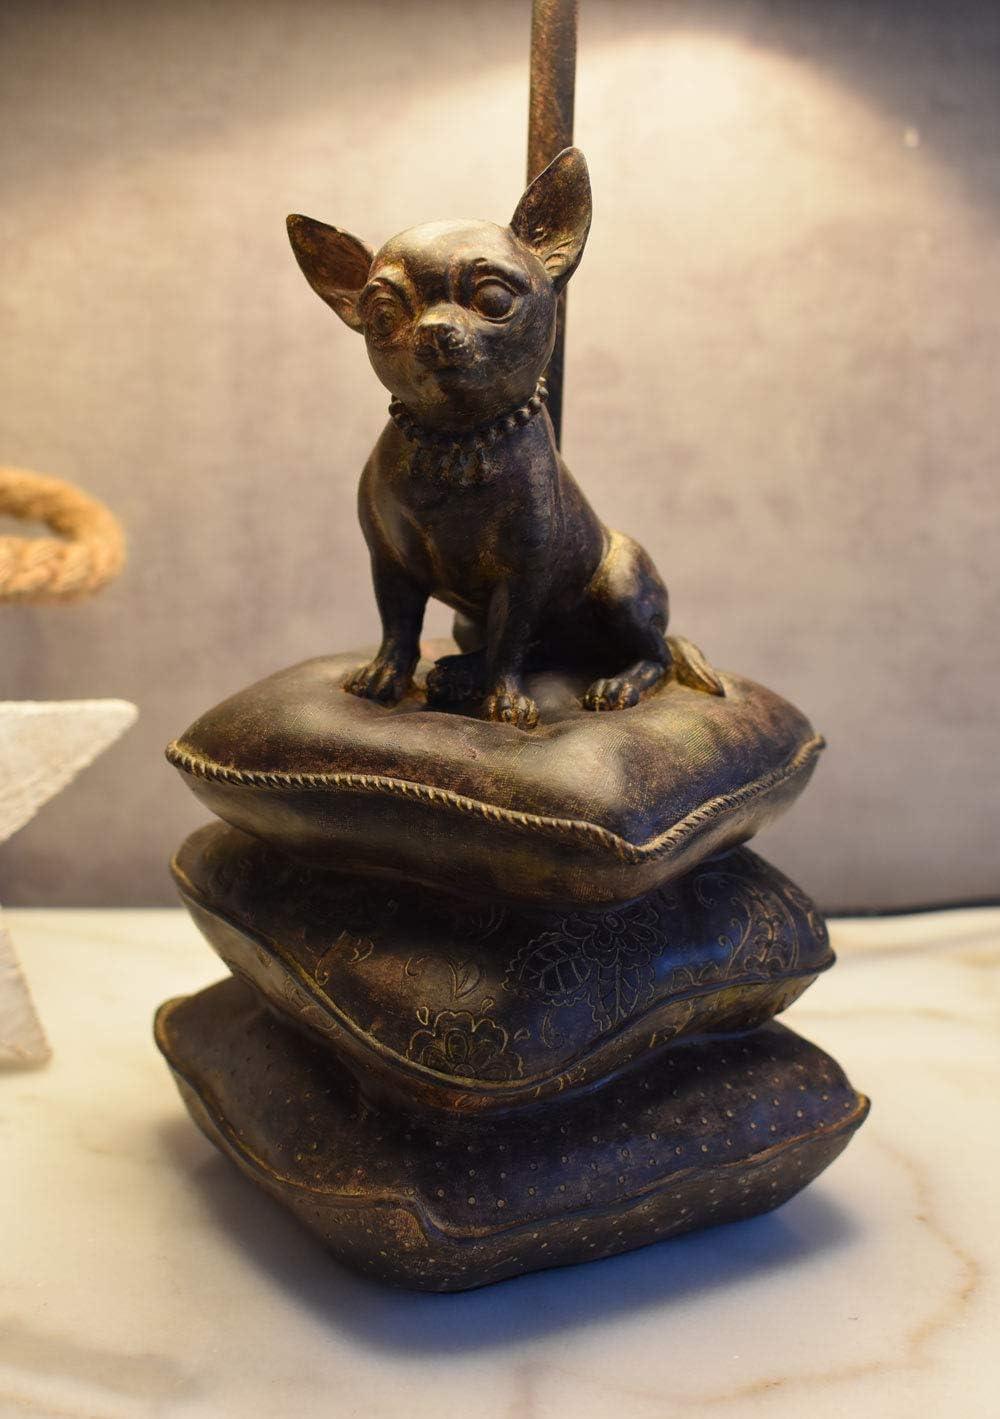 Tischlampe Chiwawa Hundelampe Tischleuchte Chihuahua Nachttischlampe Leuchte